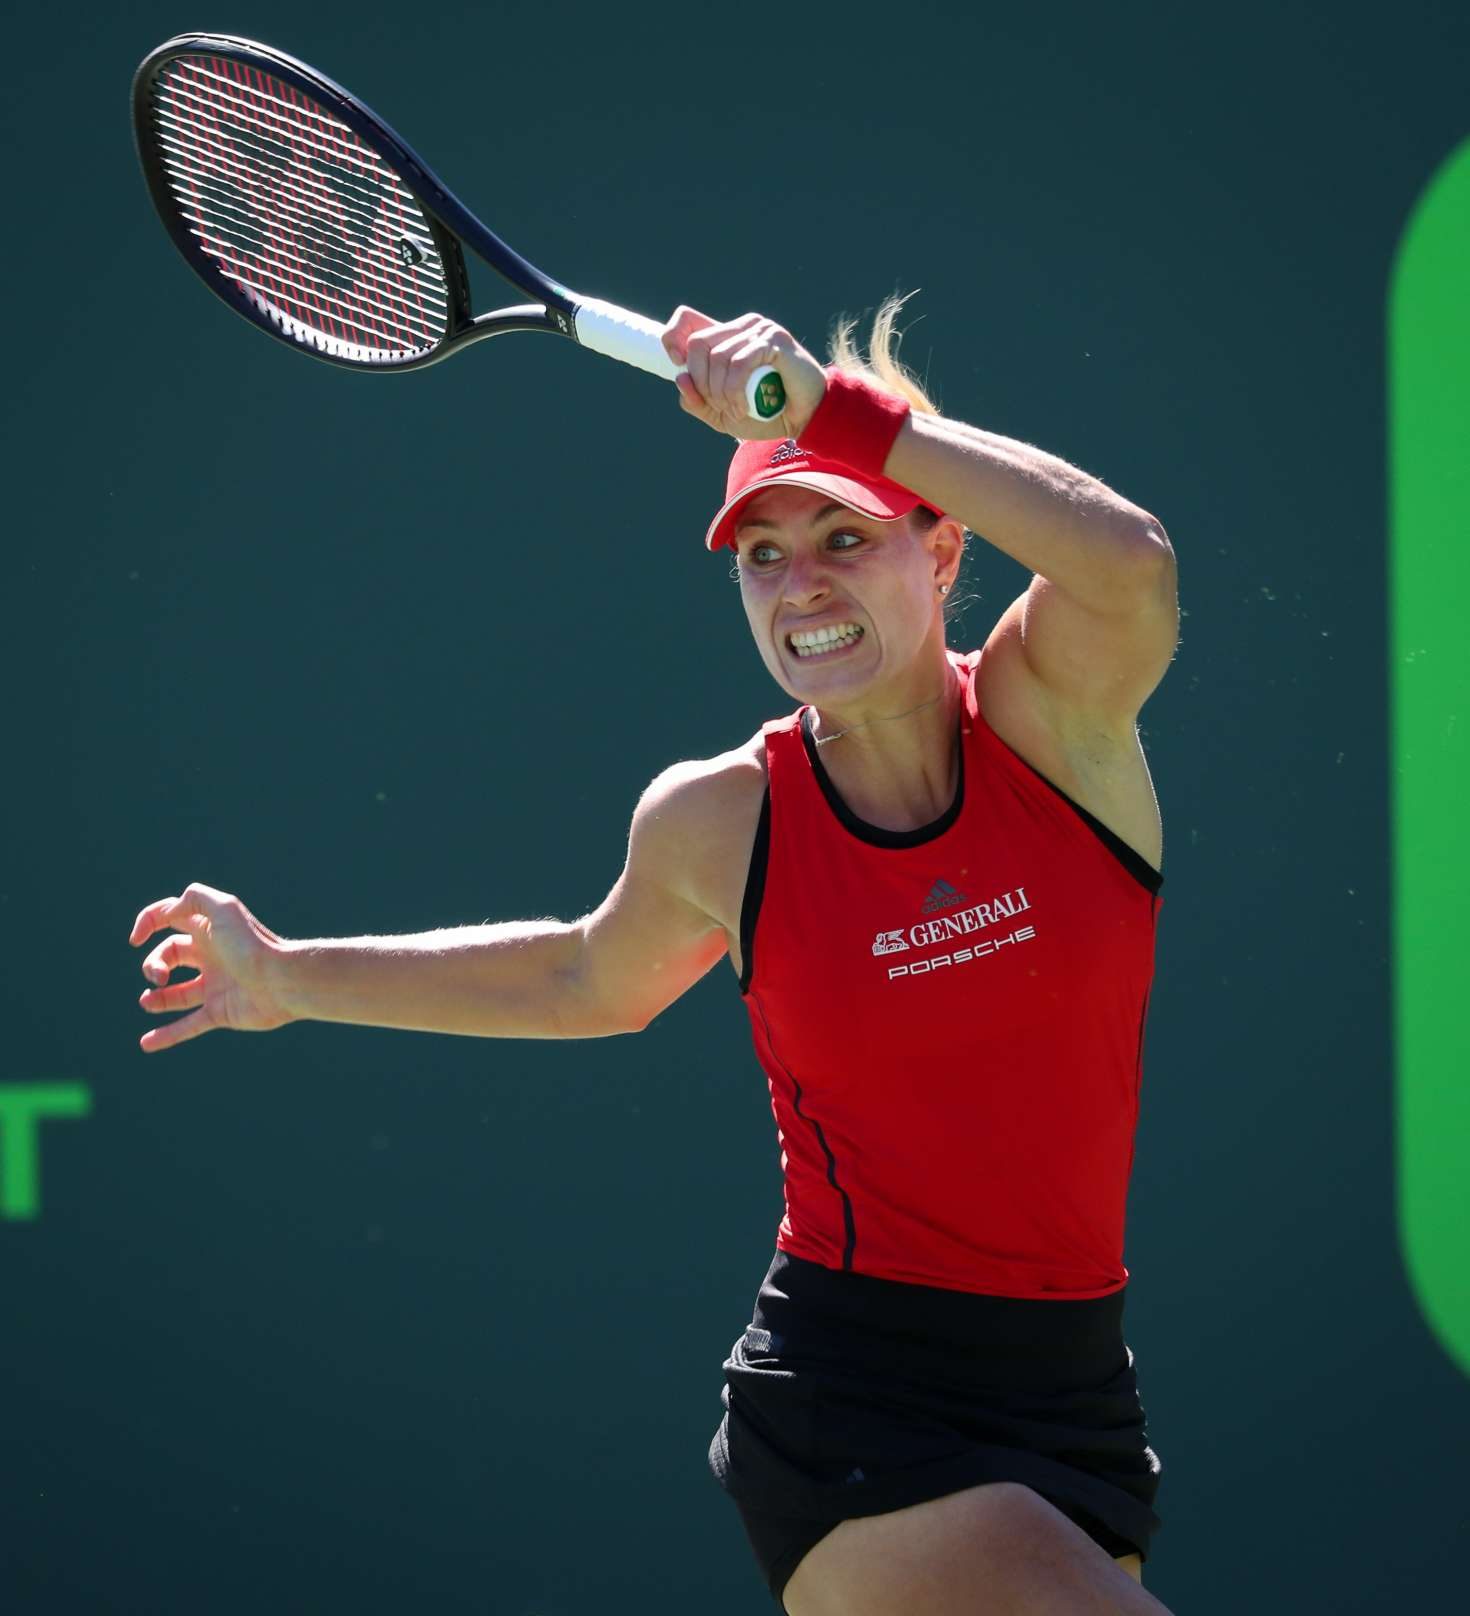 Angelique Kerber 2018 : Angelique Kerber: 2018 Miami Open -03